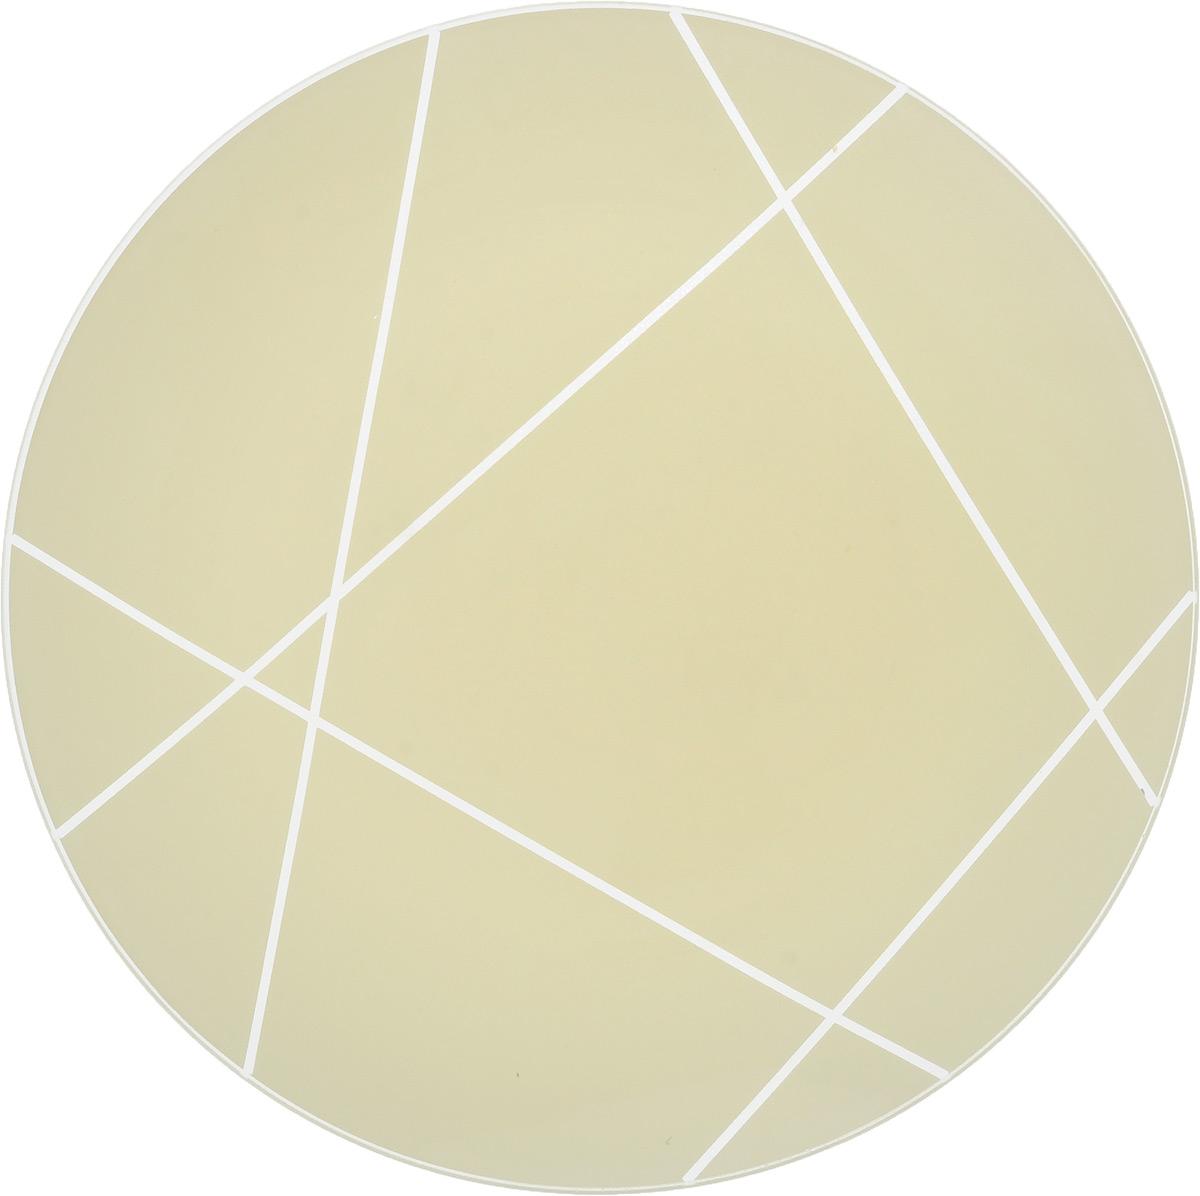 Тарелка NiNaGlass Контур, цвет: кремовый, диаметр 26 см85-260-002/белТарелка NiNaGlass Контур выполнена из высококачественного стекла и оформлена красивым прозрачным геометрическим принтом. Тарелка идеальна для подачи вторых блюд, а также сервировки закусок, нарезок, салатов, овощей и фруктов. Она отлично подойдет как для повседневных, так и для торжественных случаев.Такая тарелка прекрасно впишется в интерьер вашей кухни и станет достойным дополнением к кухонному инвентарю.